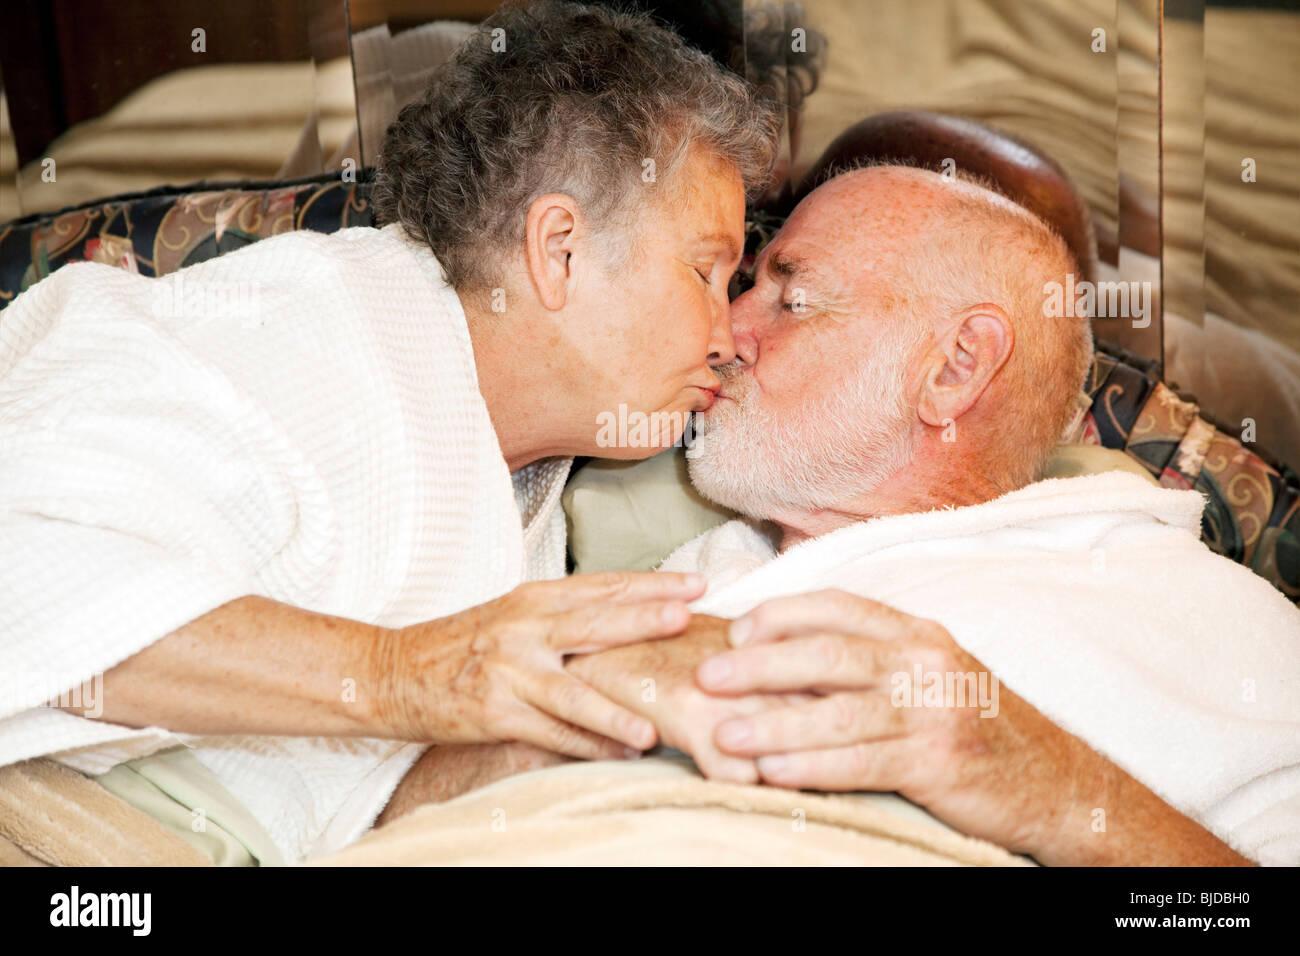 Рассказ сосу деду, : Эротические рассказы и секс. Рассказ 11 фотография